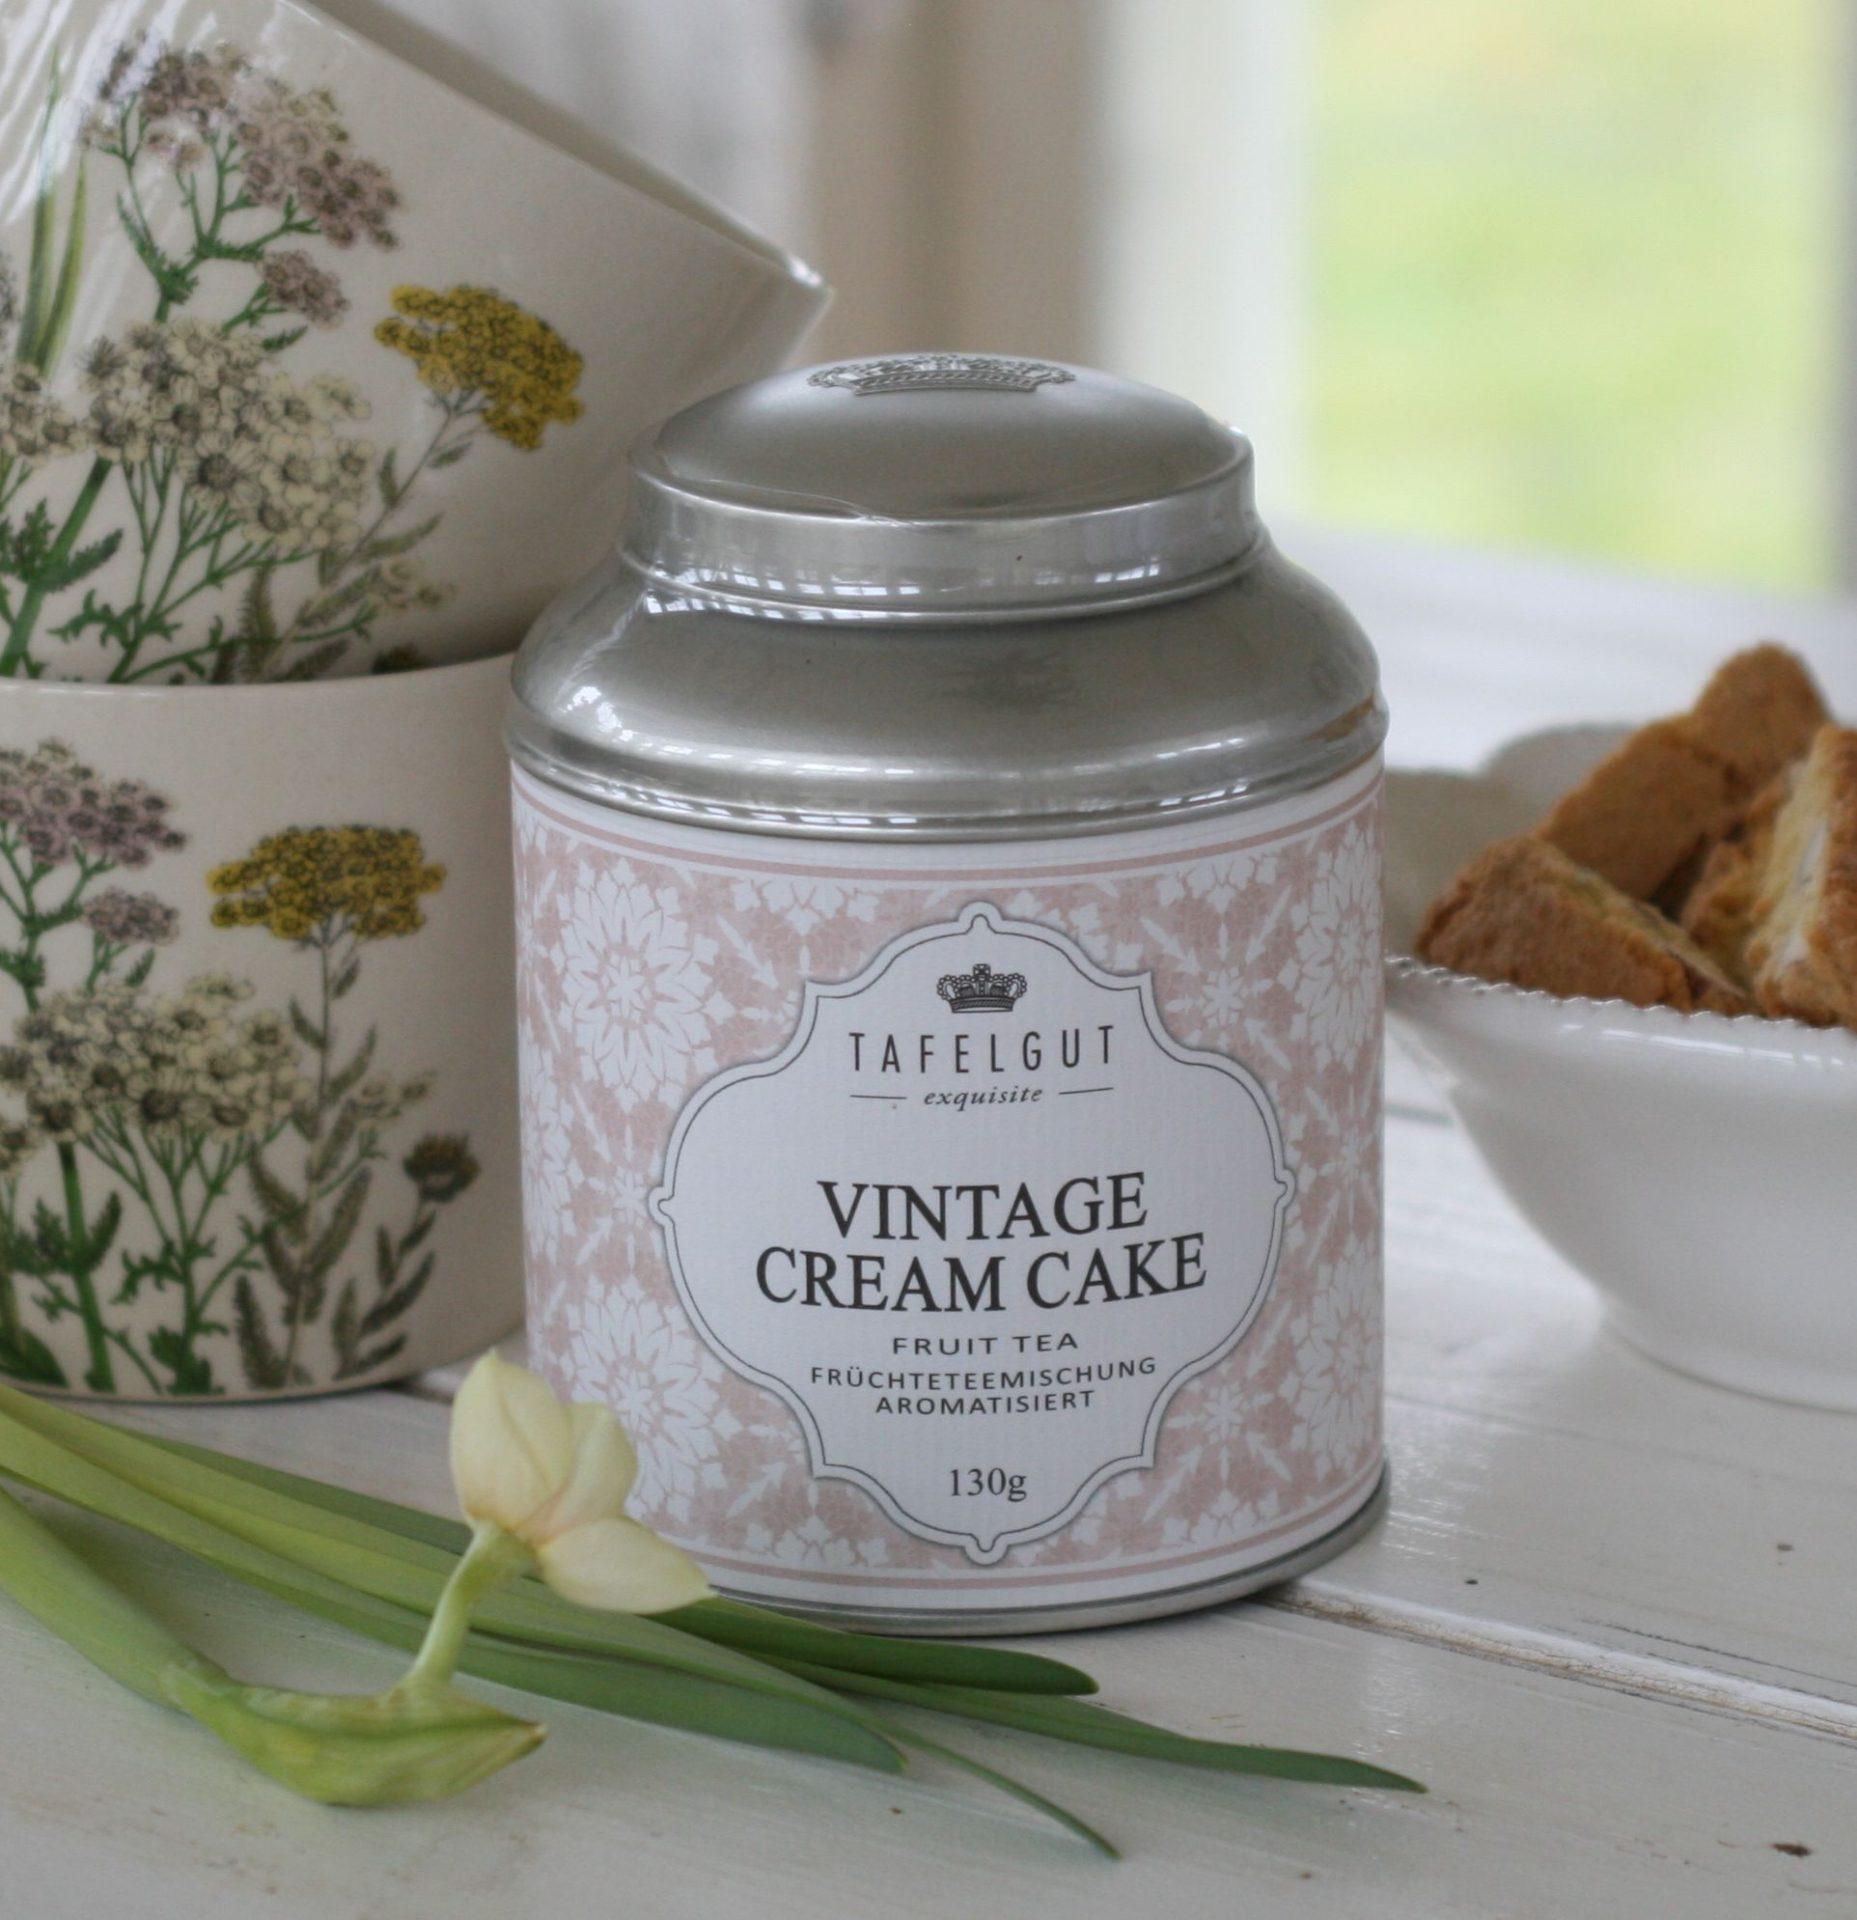 Tafelgut - Vintage cream cake tea